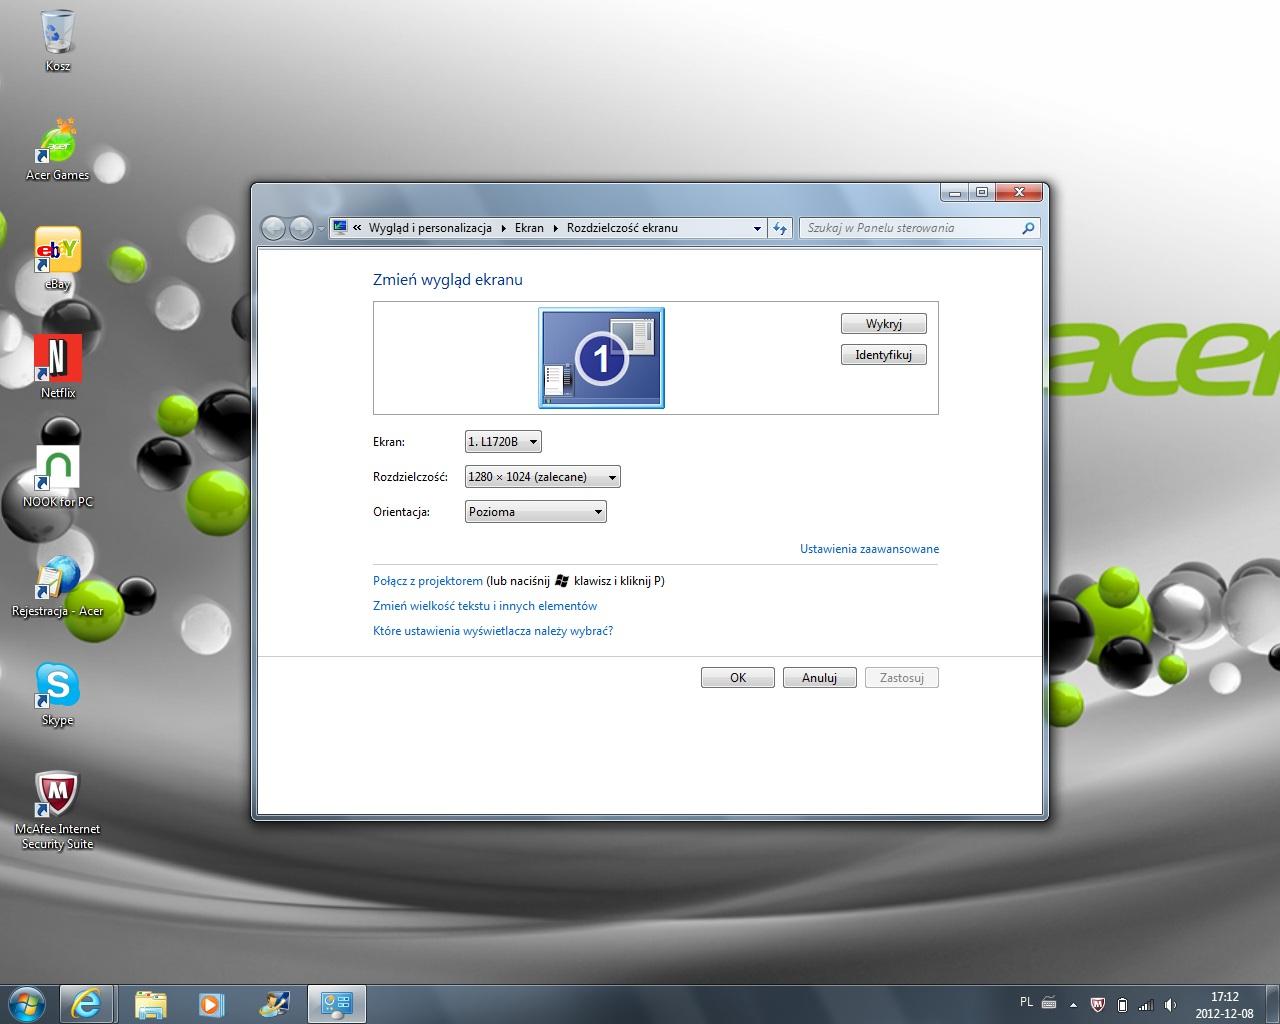 Acer One 722 - Brak obrazu na matrycy, a na monitorze zewn�trznym jest